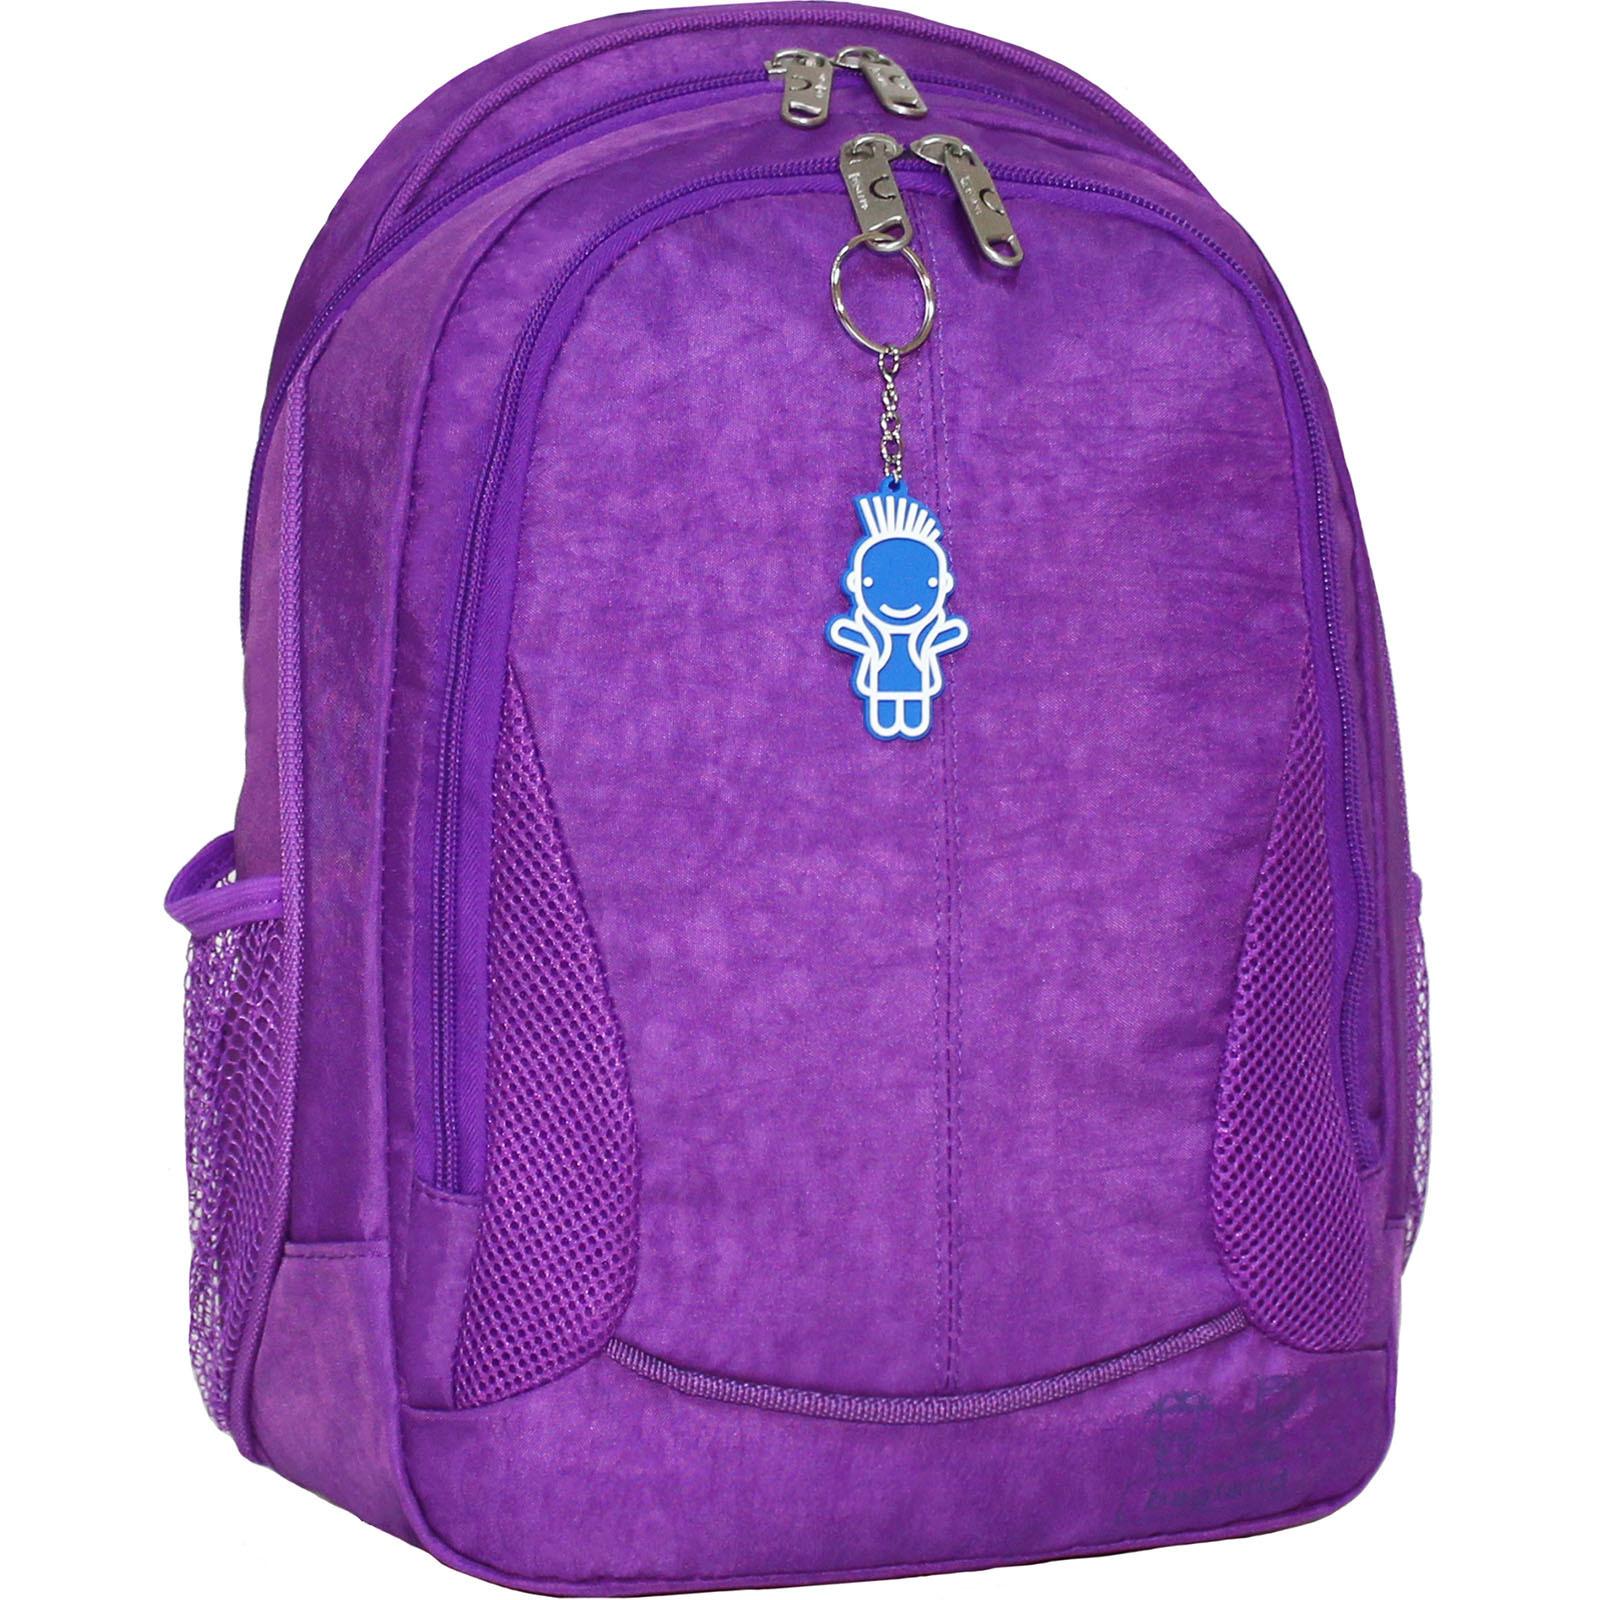 Школьные рюкзаки Рюкзак Bagland Странник 17 л. 339 фиолетовый (0058470) IMG_4155.JPG